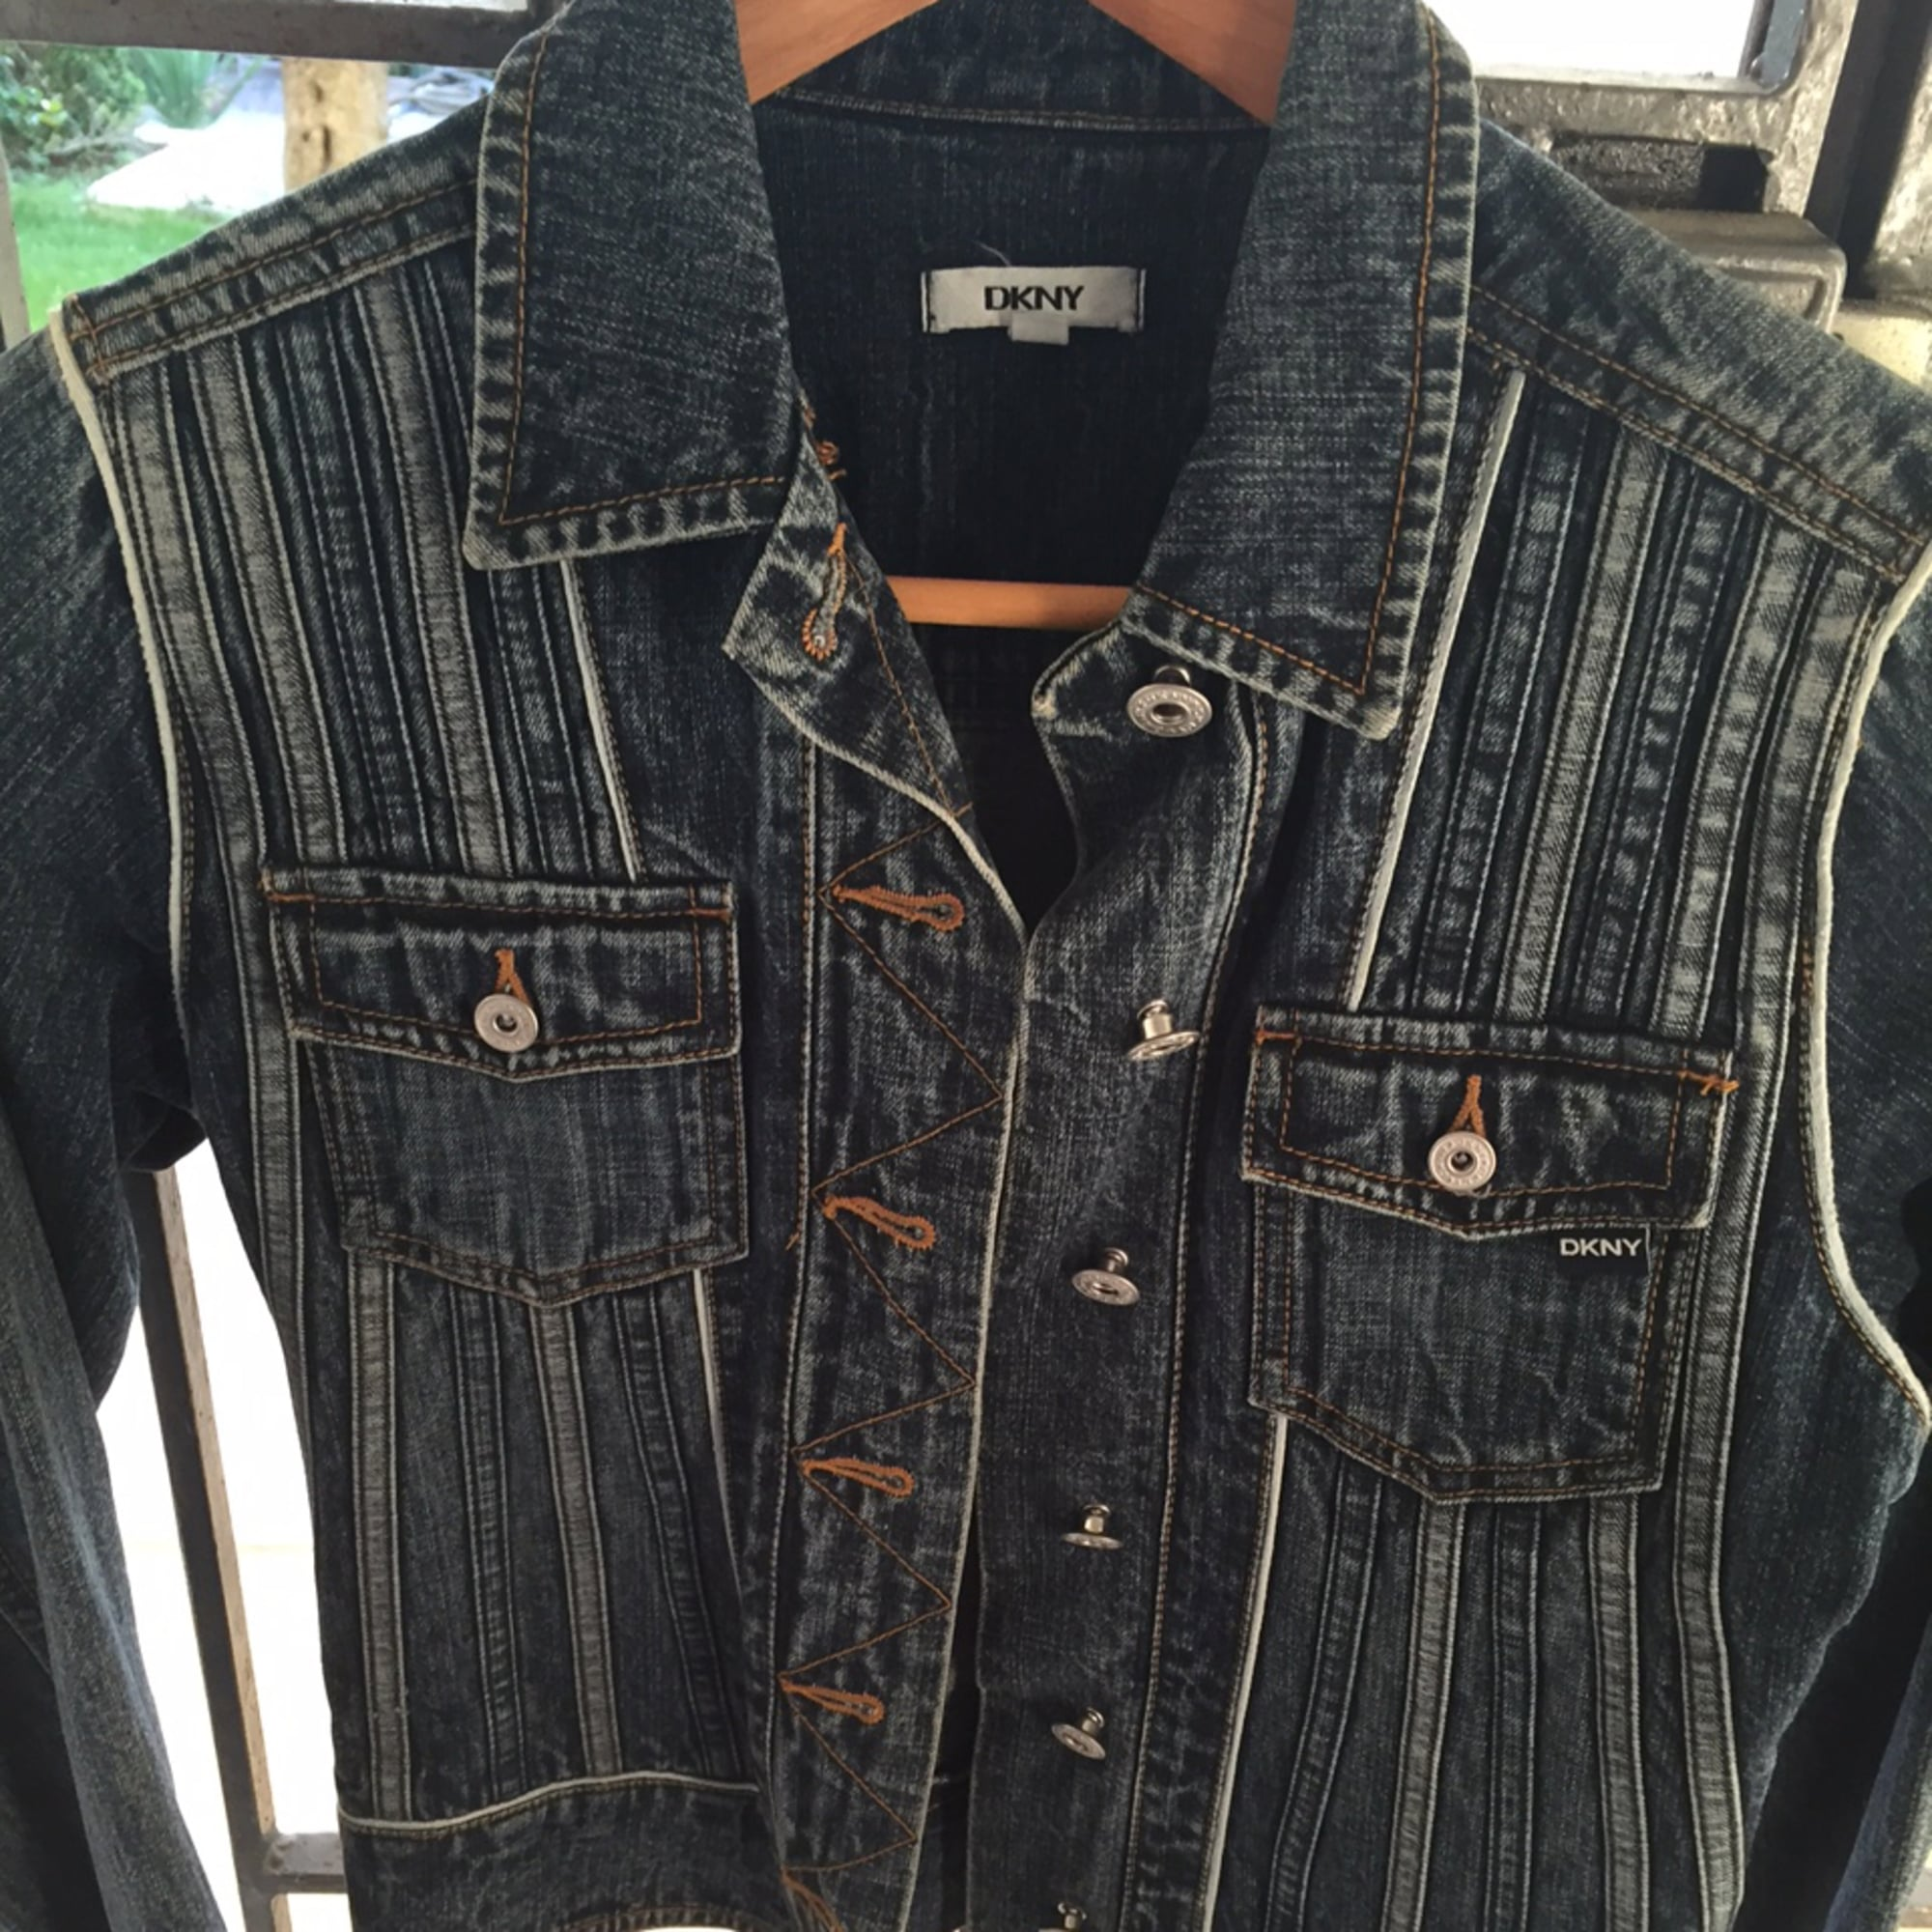 Vêtements Pour Jeans Femme Taille Dkny 35 tQBxosrChd